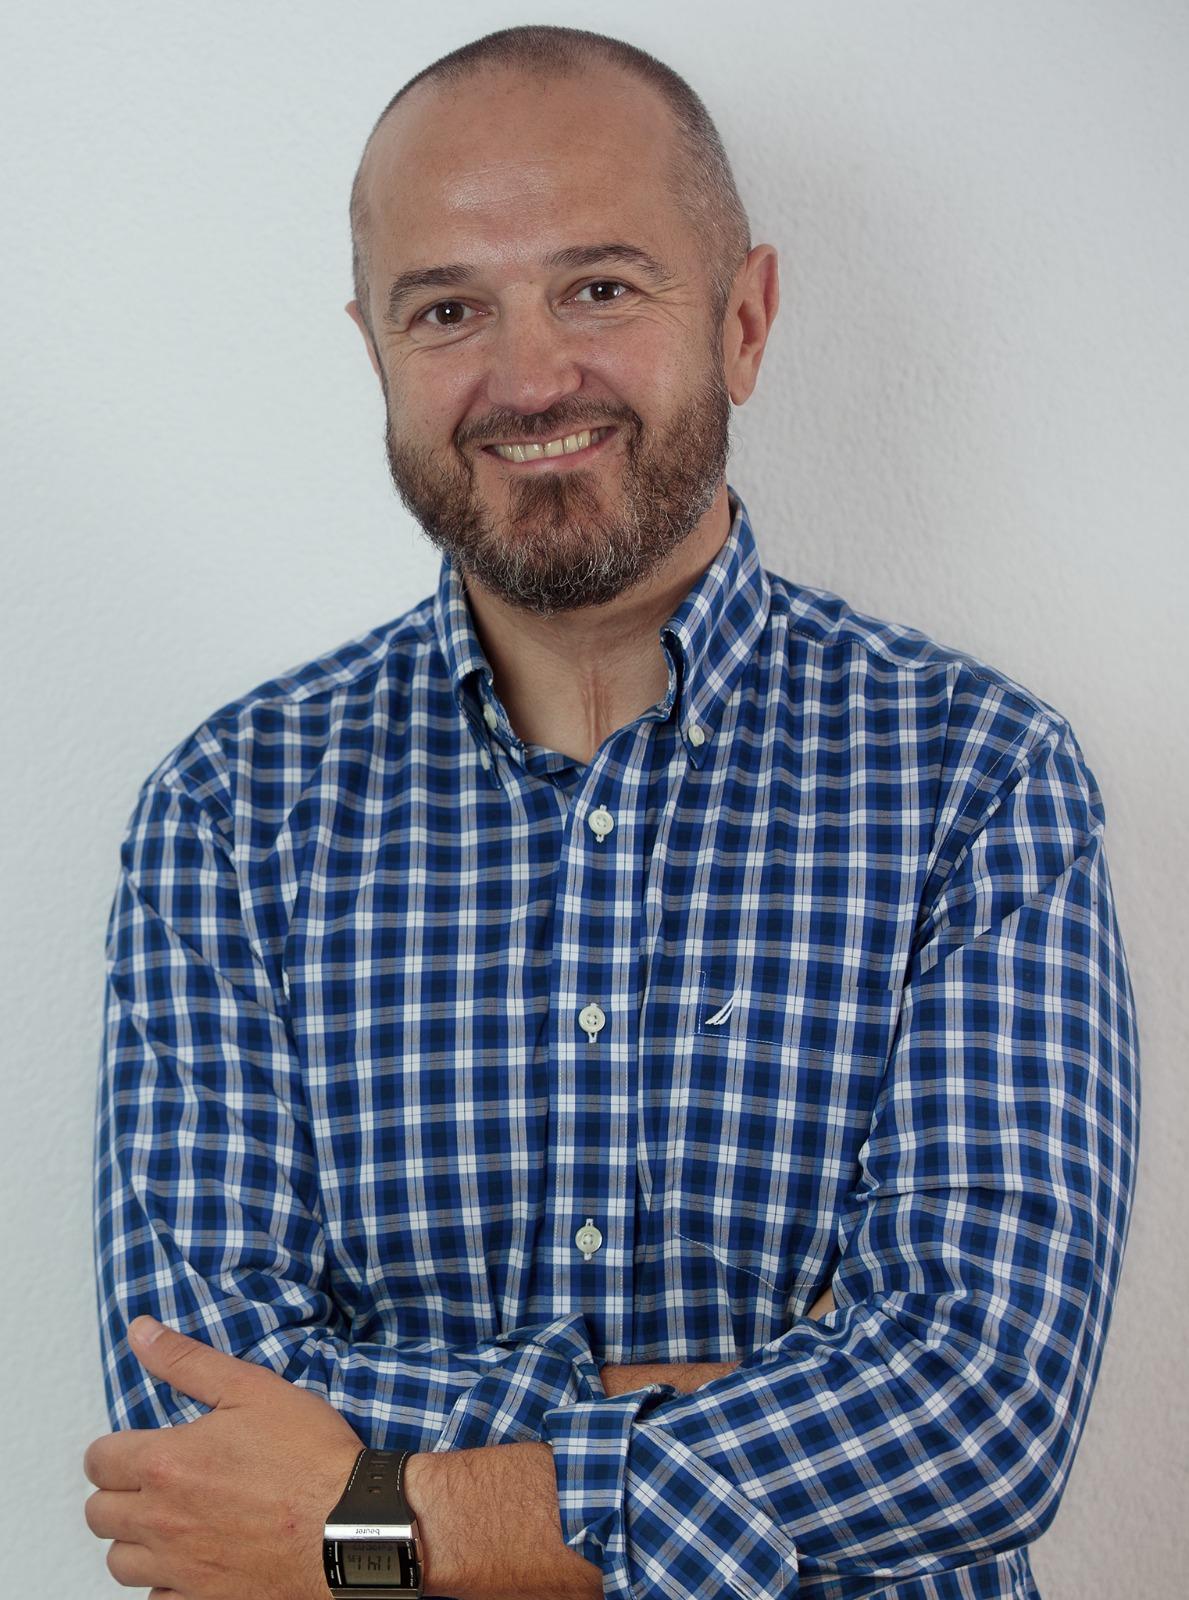 Markus Pfefferle